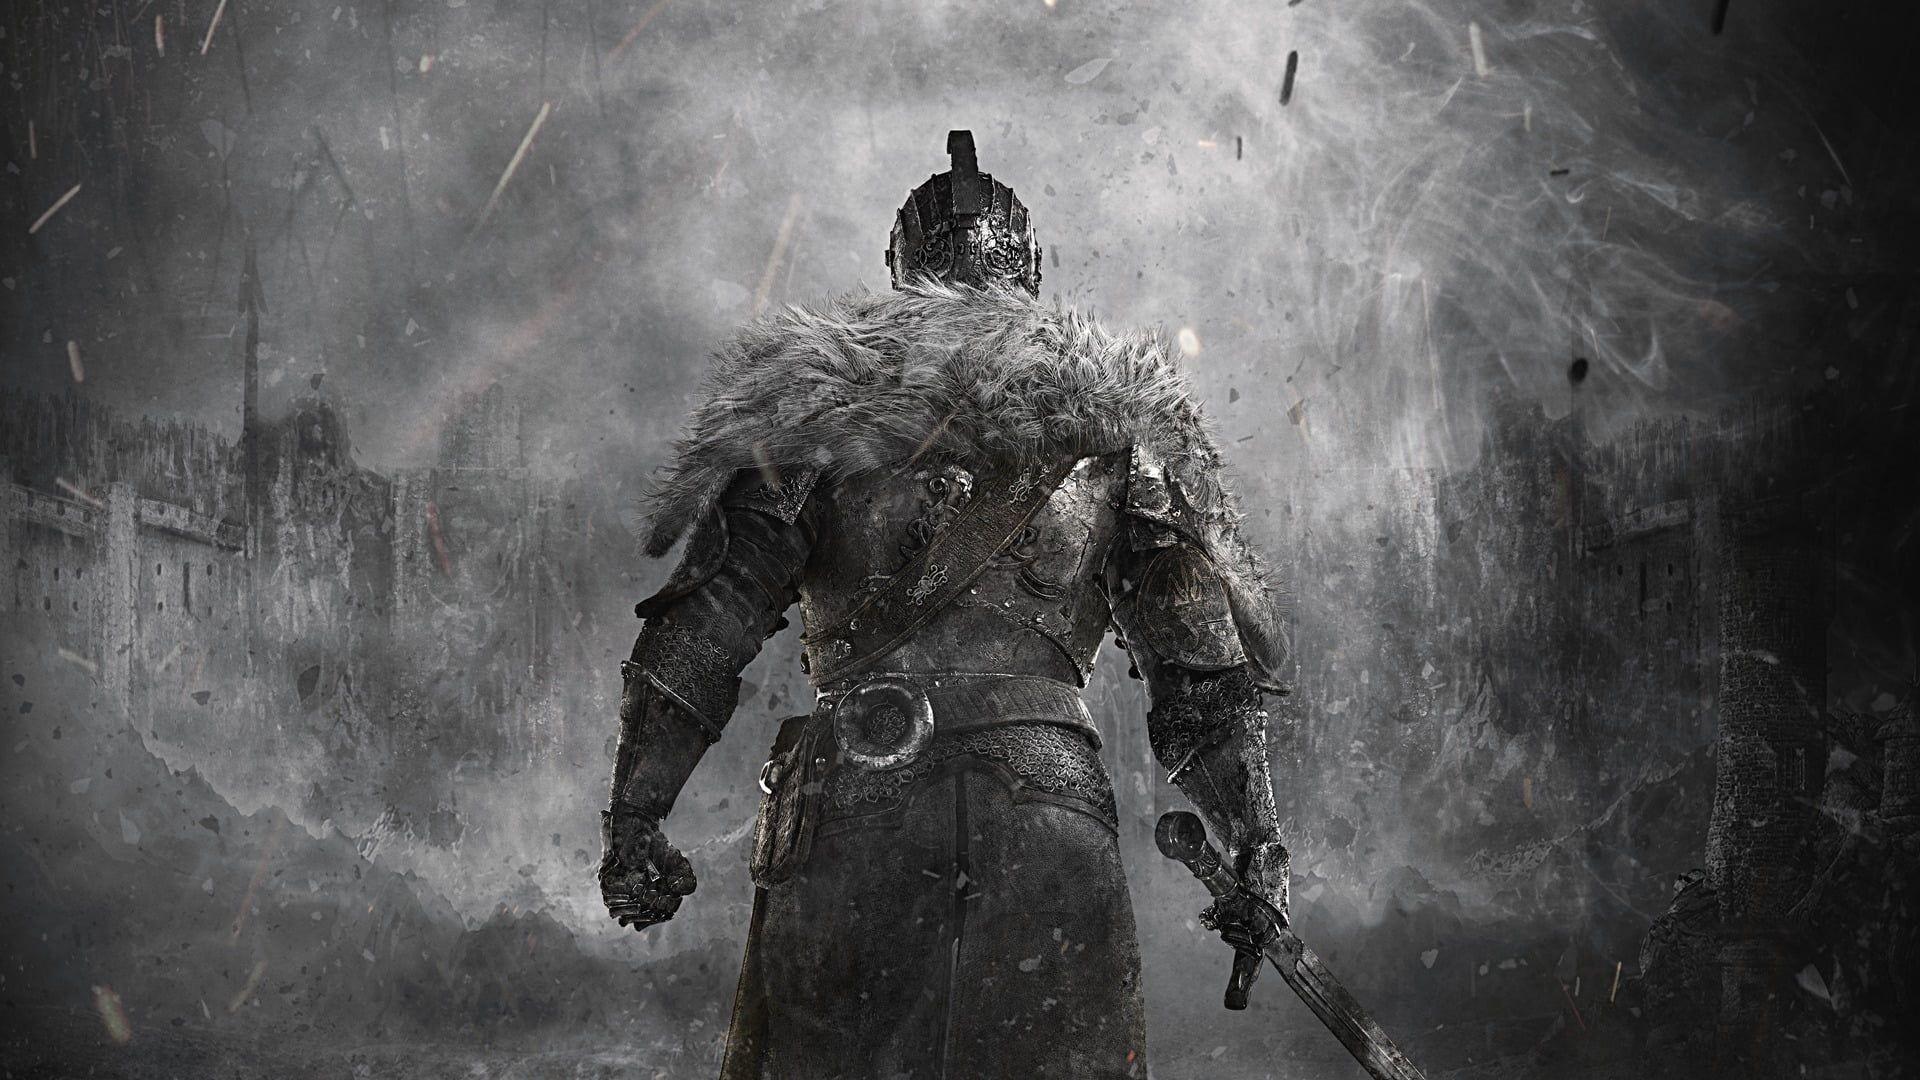 Warrior Wallpaper Dark Souls Ii Warrior Sword Dark Souls 1080p Wallpaper Hdwallpaper Desktop In 2020 Dark Souls Warriors Wallpaper Dark Souls 2